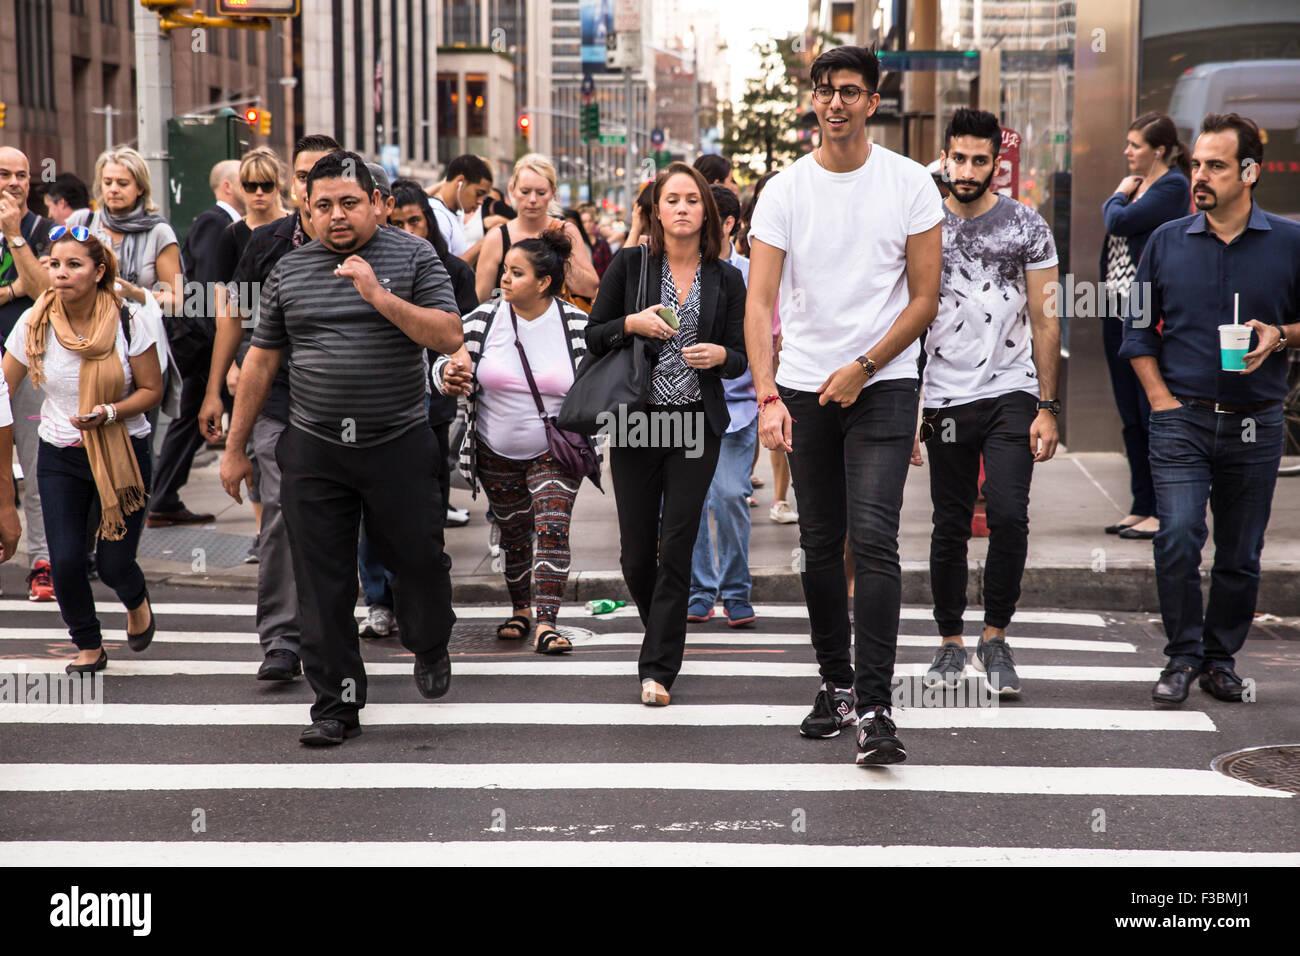 La CIUDAD DE NUEVA YORK - 14 de septiembre de 2015: retratada aquí es un cruce peatonal en el centro de Manhattan, Imagen De Stock